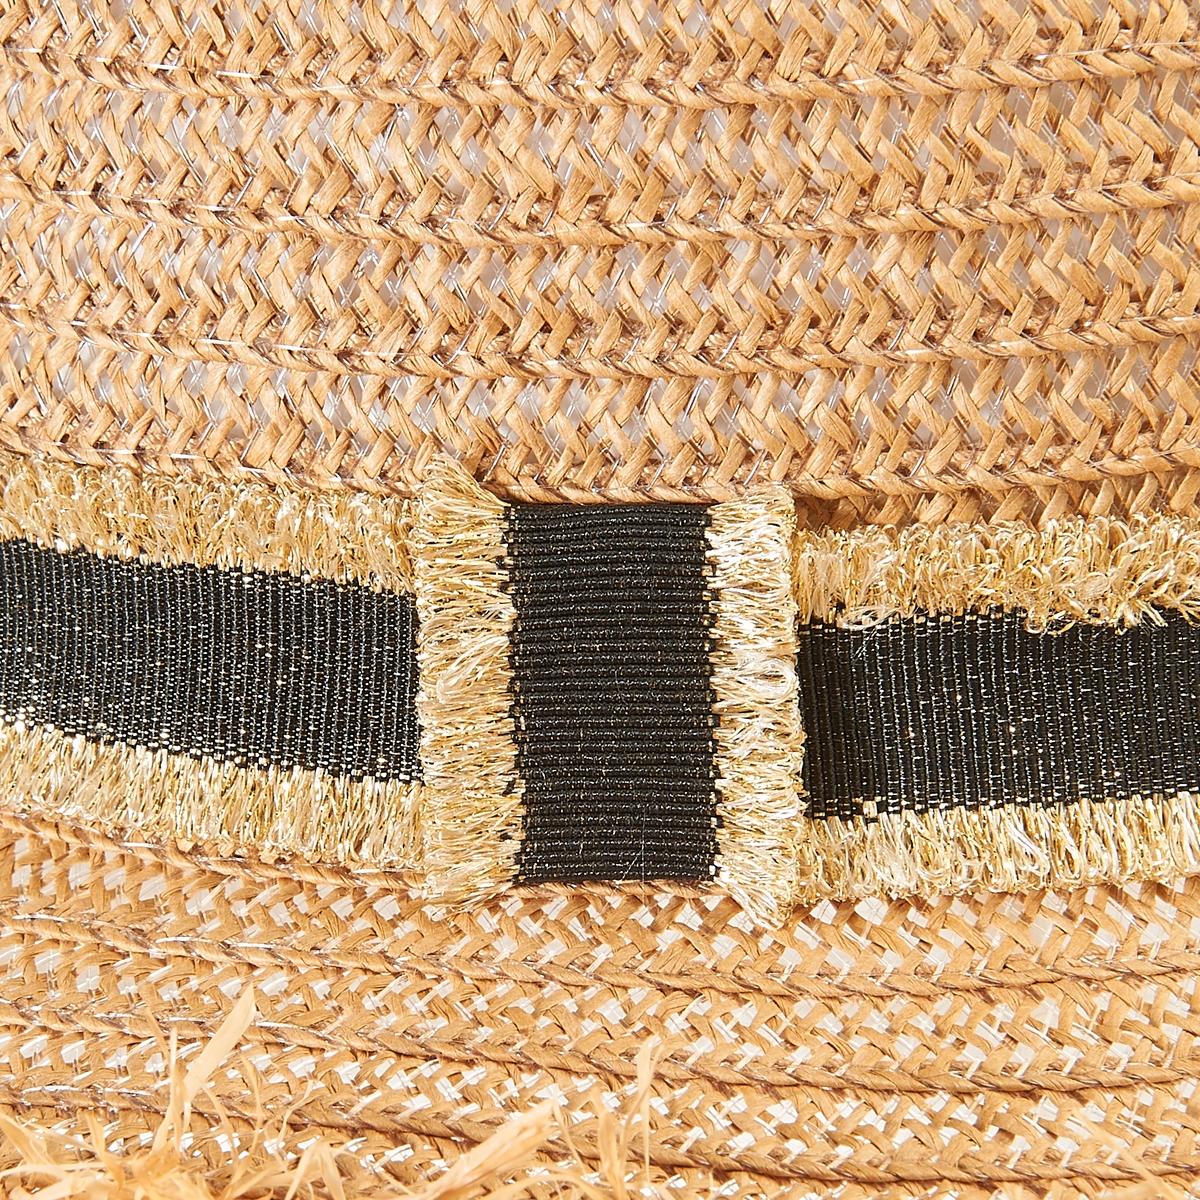 Шляпка соломеннаяОписание:Модная шляпка в этом сезоне : изящная и стильная шляпка из искусственной соломы !Состав и описание :Материал : искусственная соломаОбхват головы 56 см<br><br>Цвет: песочный